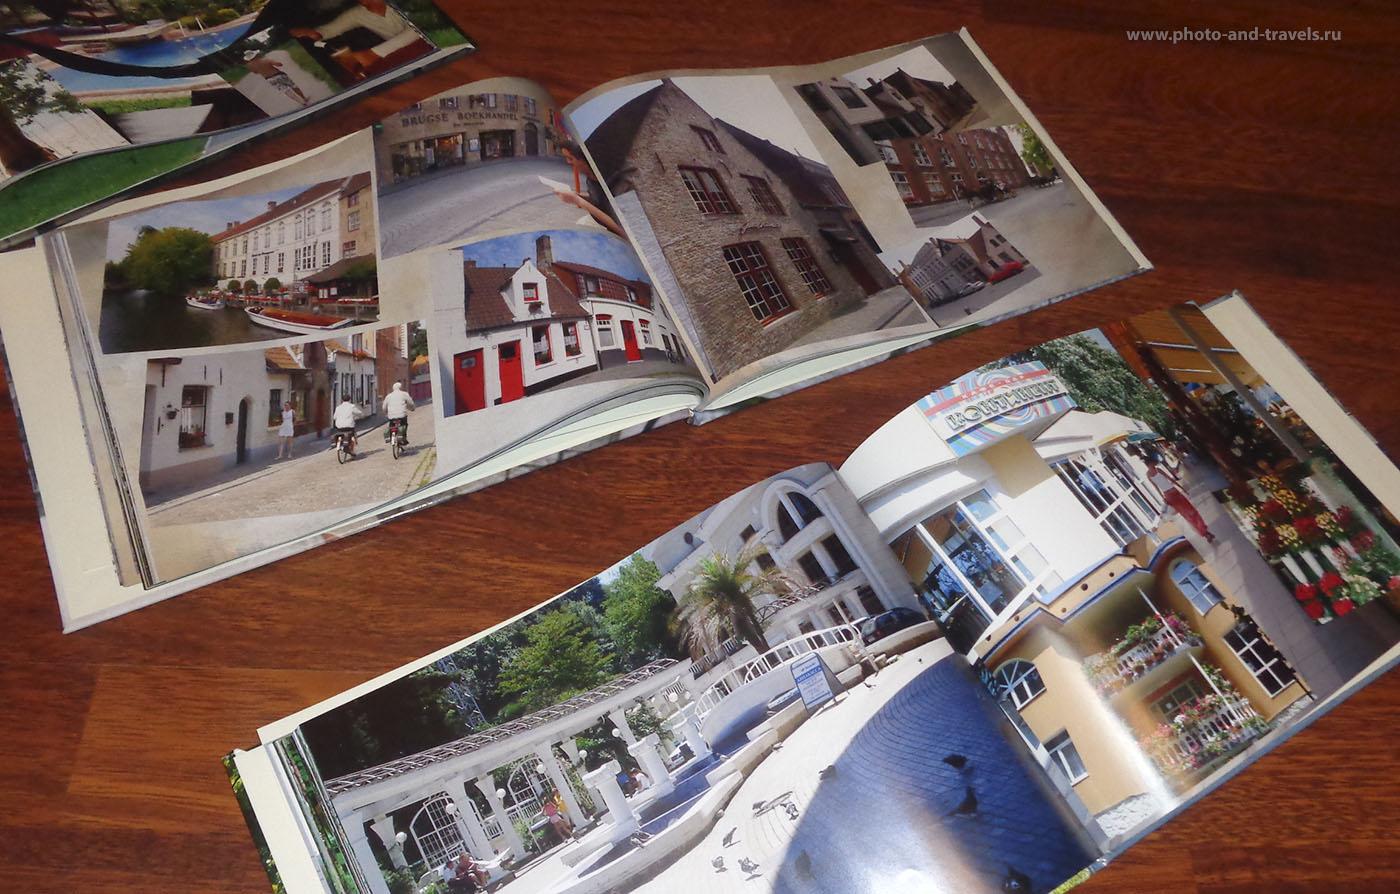 5. Фотокниги, представленные в этой серии, заказаны в Москве. Раньше было даже выгодно печатать их за рубежом: стоимость не высока, даже с доставкой, качество – отменно.